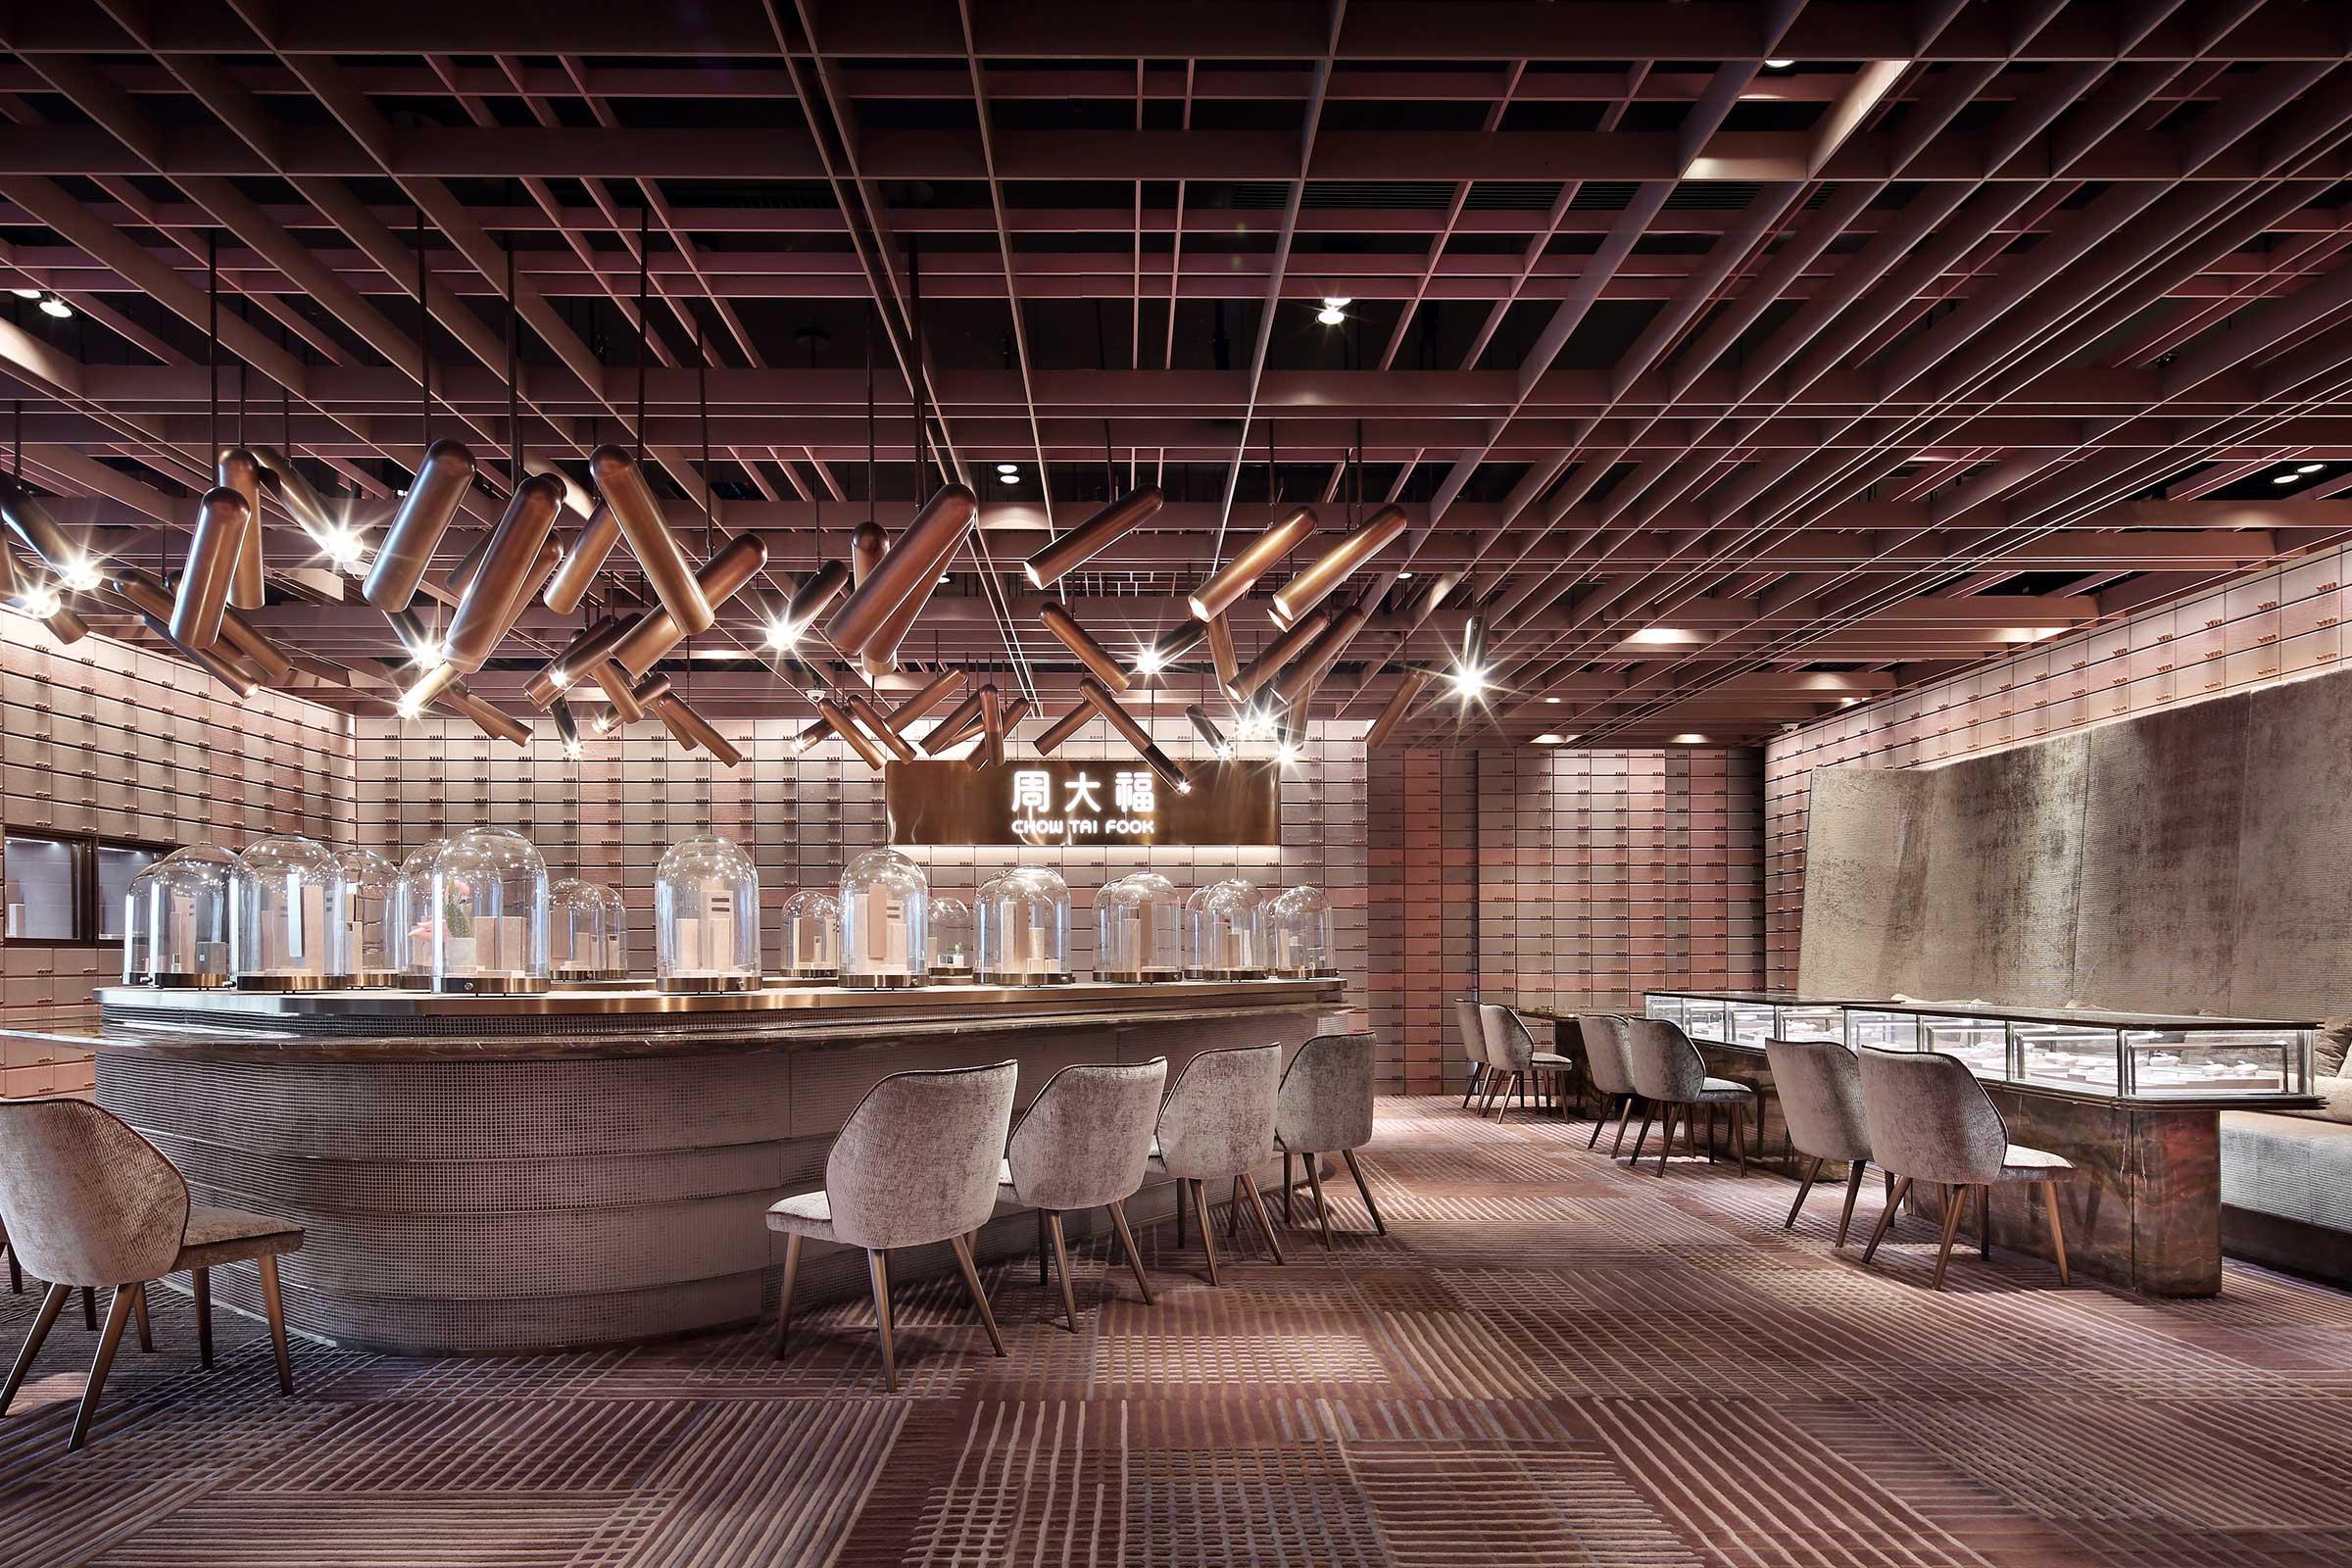 Shenzhen Chow Tai Fook Experience Shop. Image by Jiangnan Photography